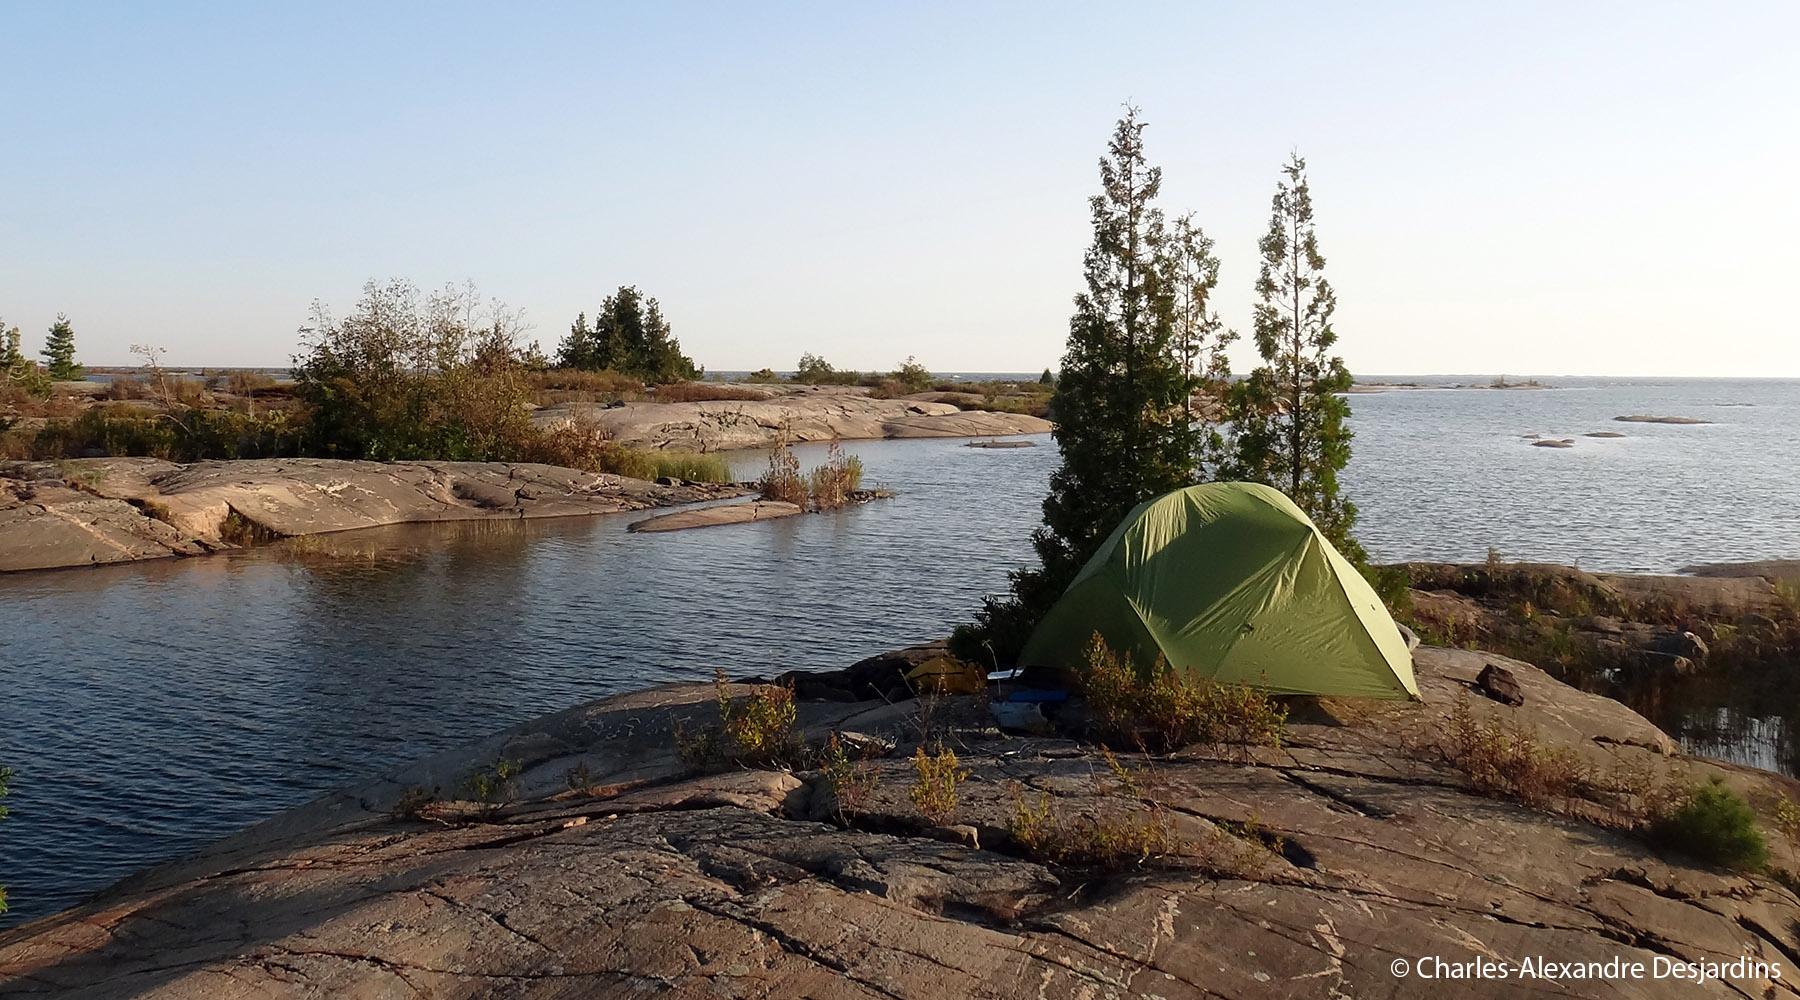 Chinook voyages, kayak de mer, baie georgienne, aventure, détour nature